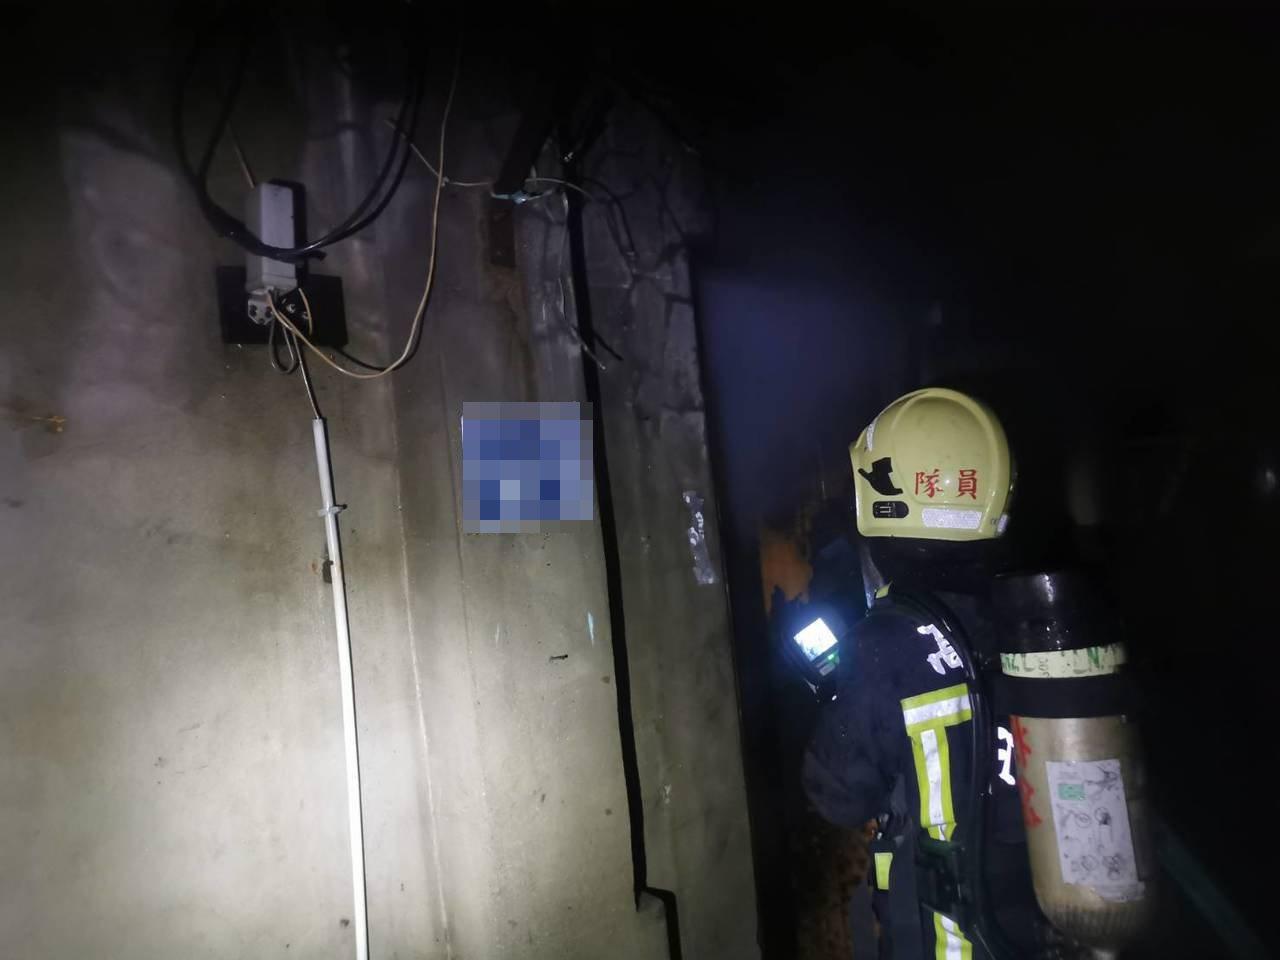 高雄市前鎮區鎮發街上今晚間時發生平房火警,消防人員趕到現場,迅速控制火勢,但屋內...